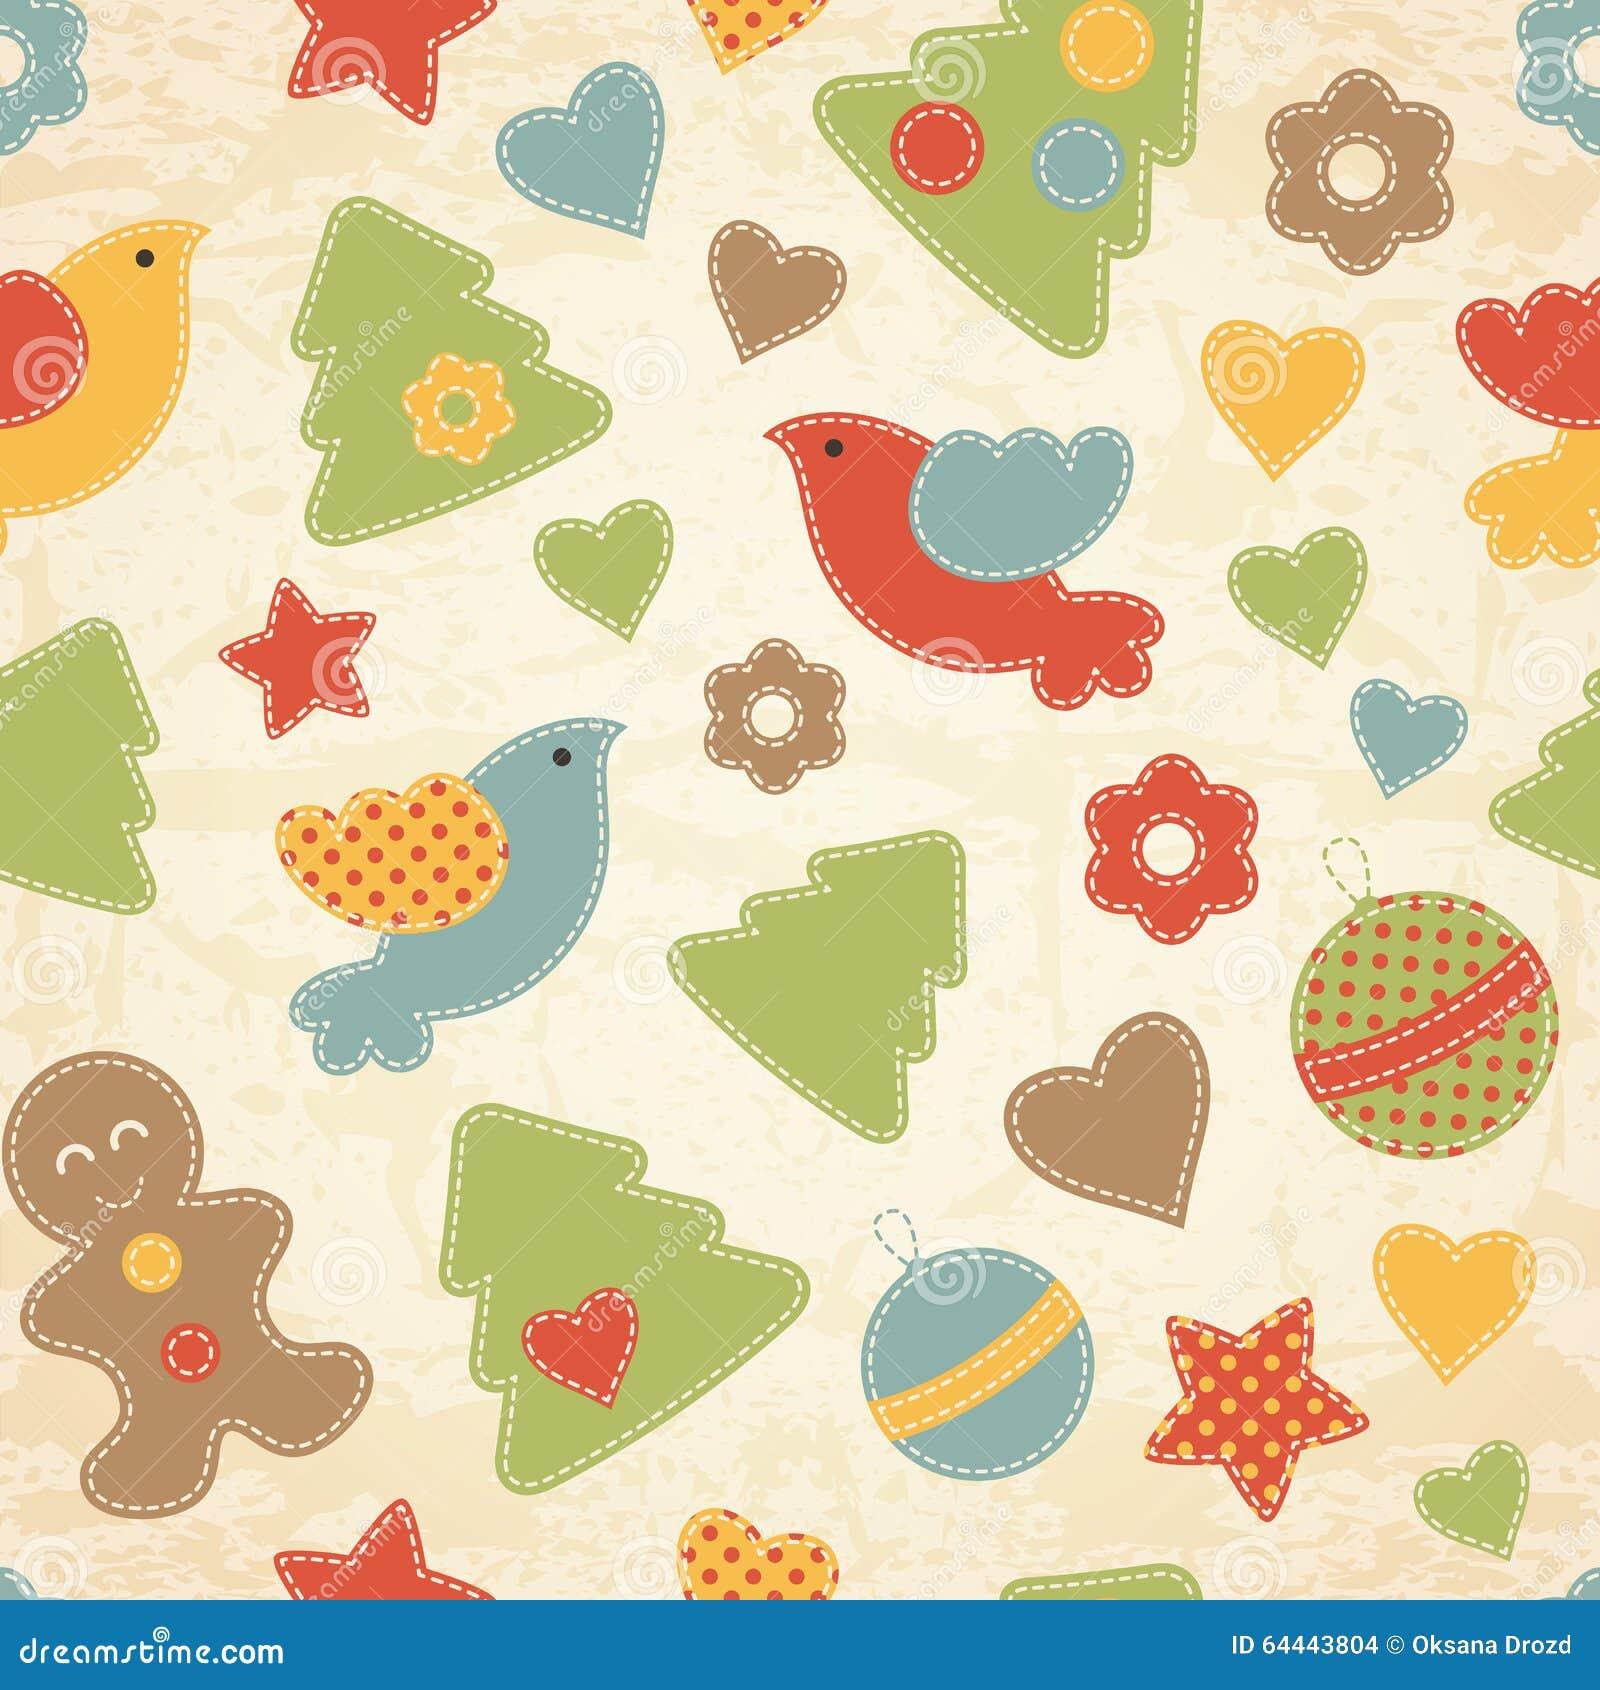 Kinderachtig Kerstmis naadloos patroon met Kerstbomen, vogels, peperkoekmensen